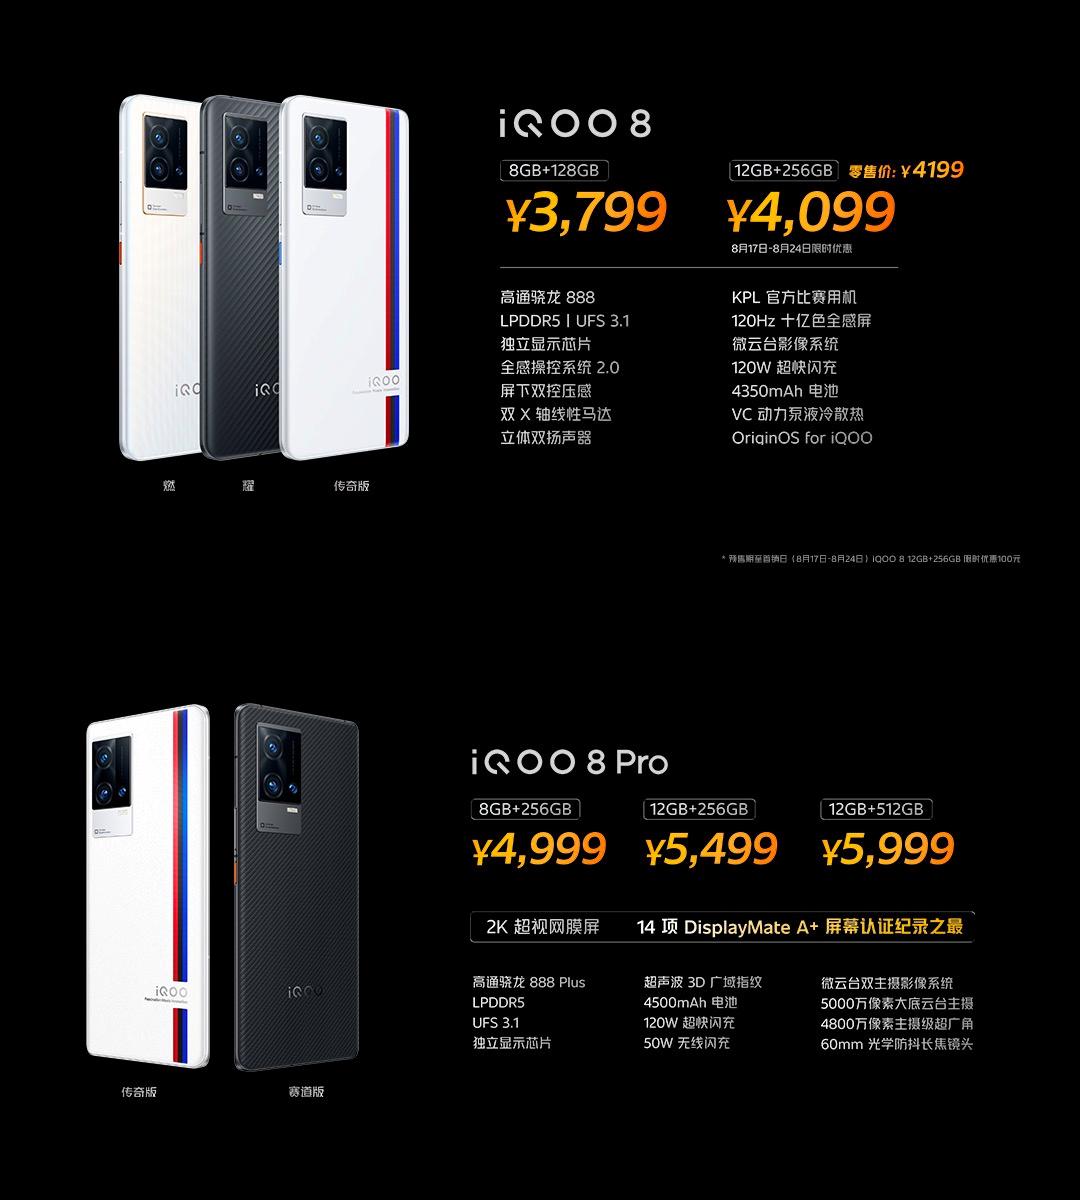 「科技犬」vivo值得买机型盘点:拍照选X70、打游戏选iQOO 8系列